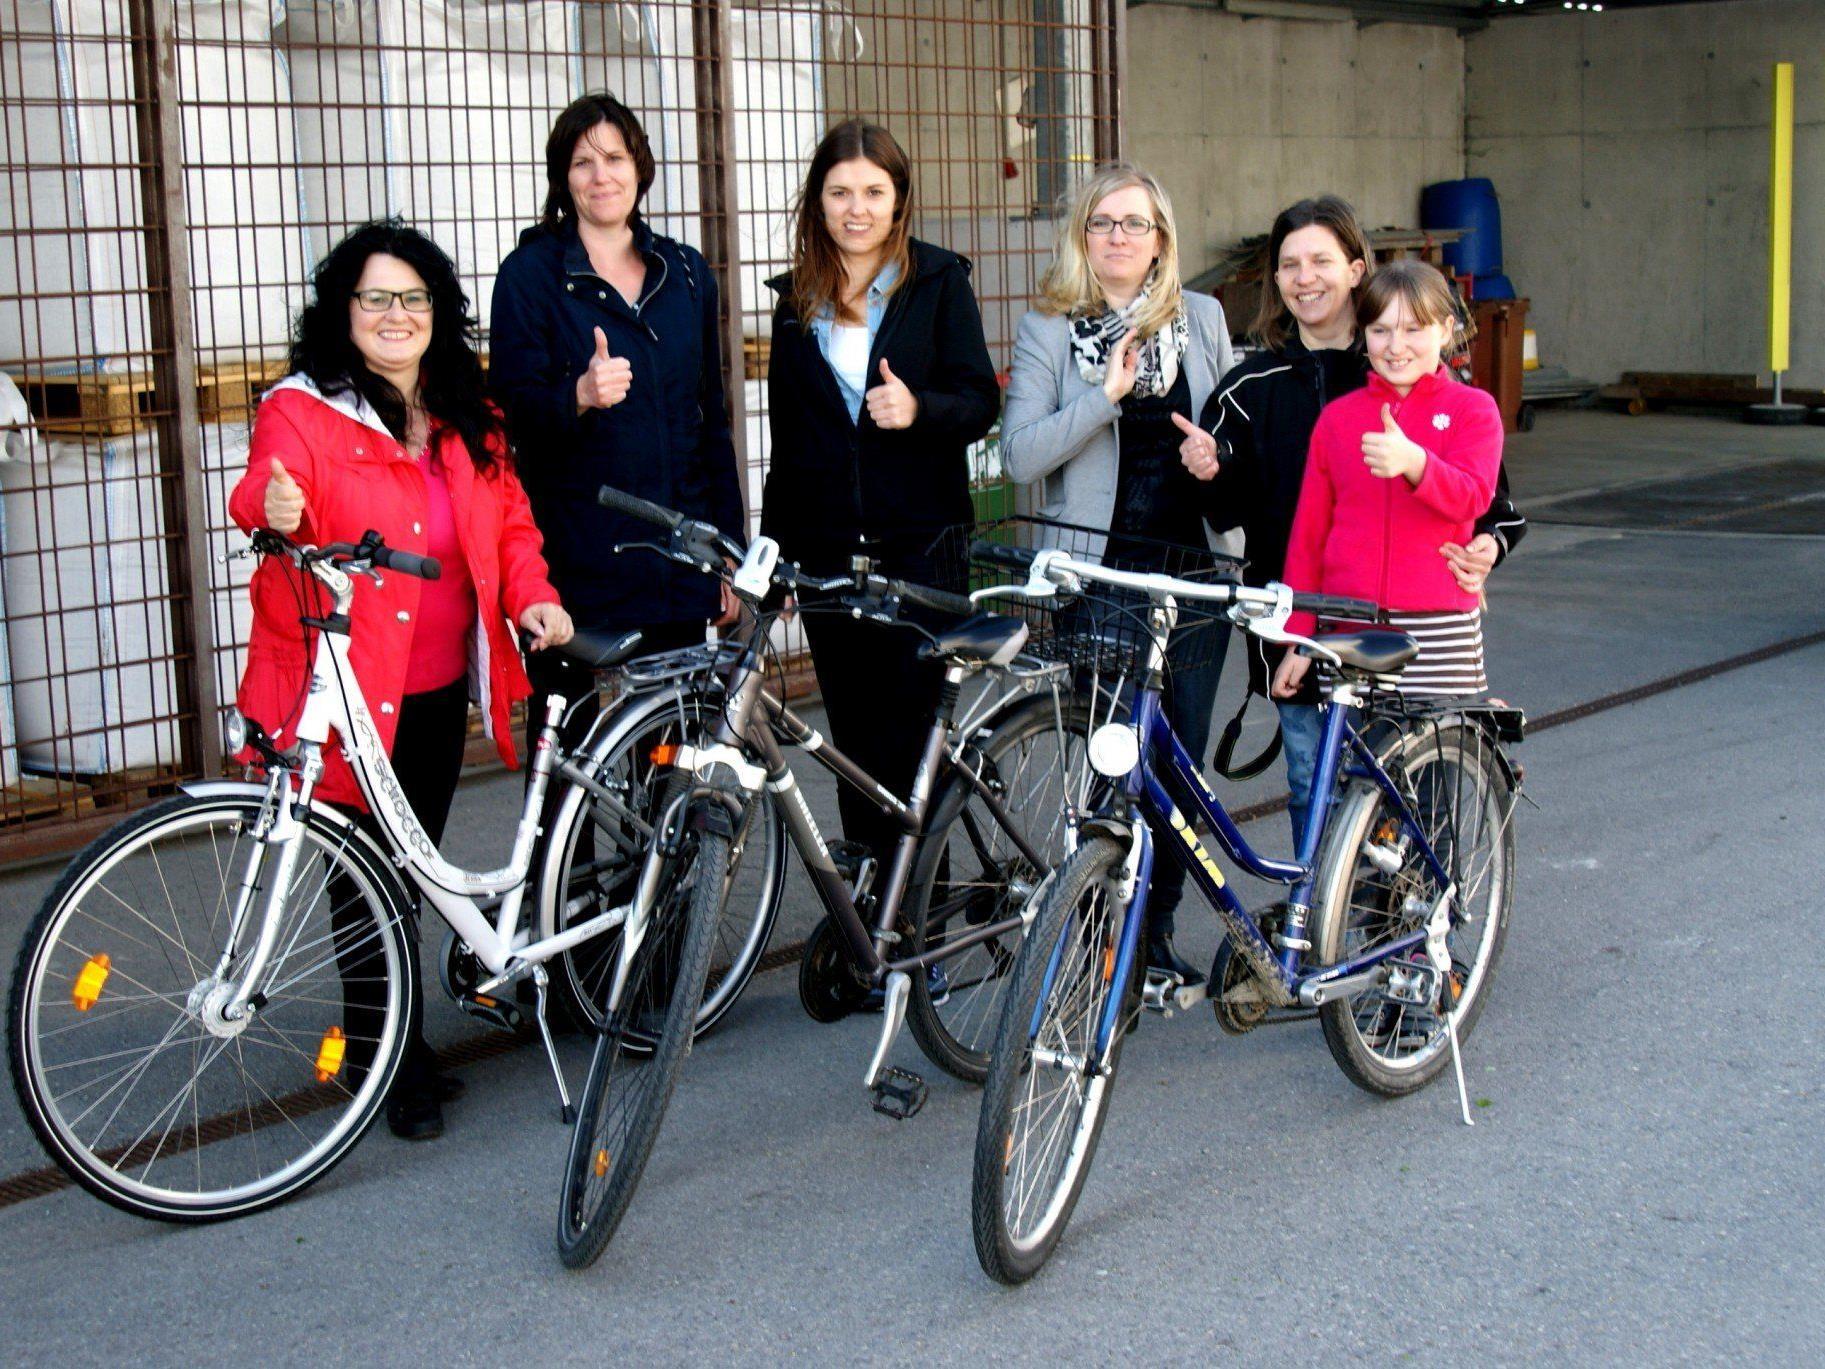 Die braven Helferinnen, Silvia Wagner (UA-Altach), Gabi, Felizitas, Gabriele, Caroline und Judith Hagen (Sicheres Vlbg.)